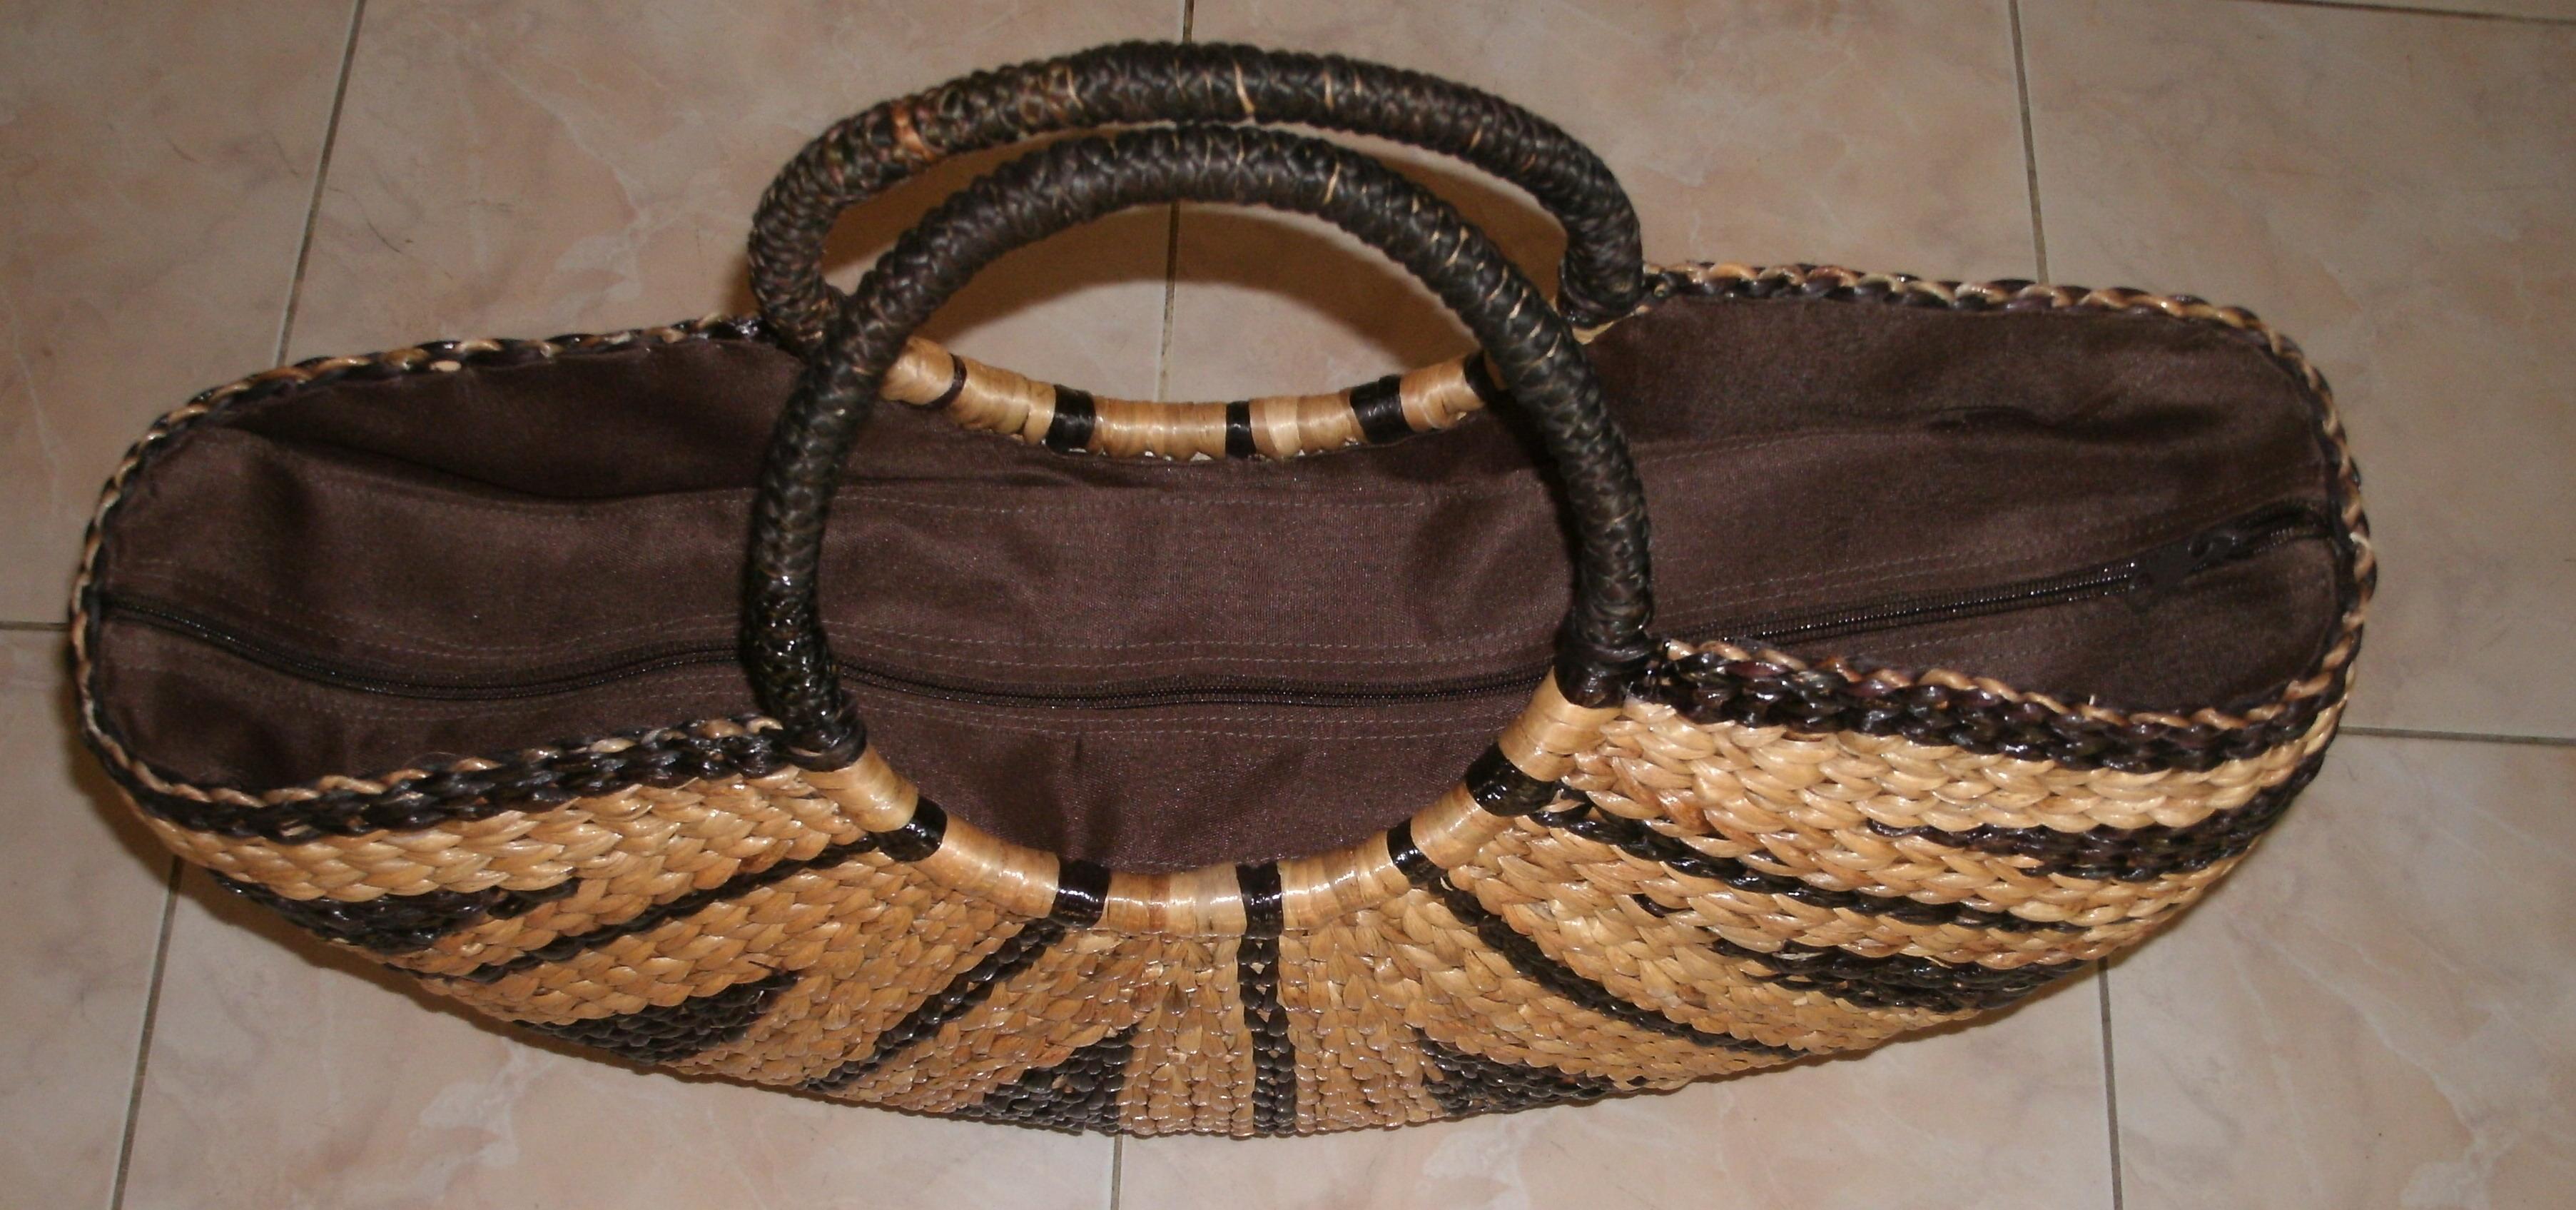 Hyacinth Bag-PPS Bag brand7